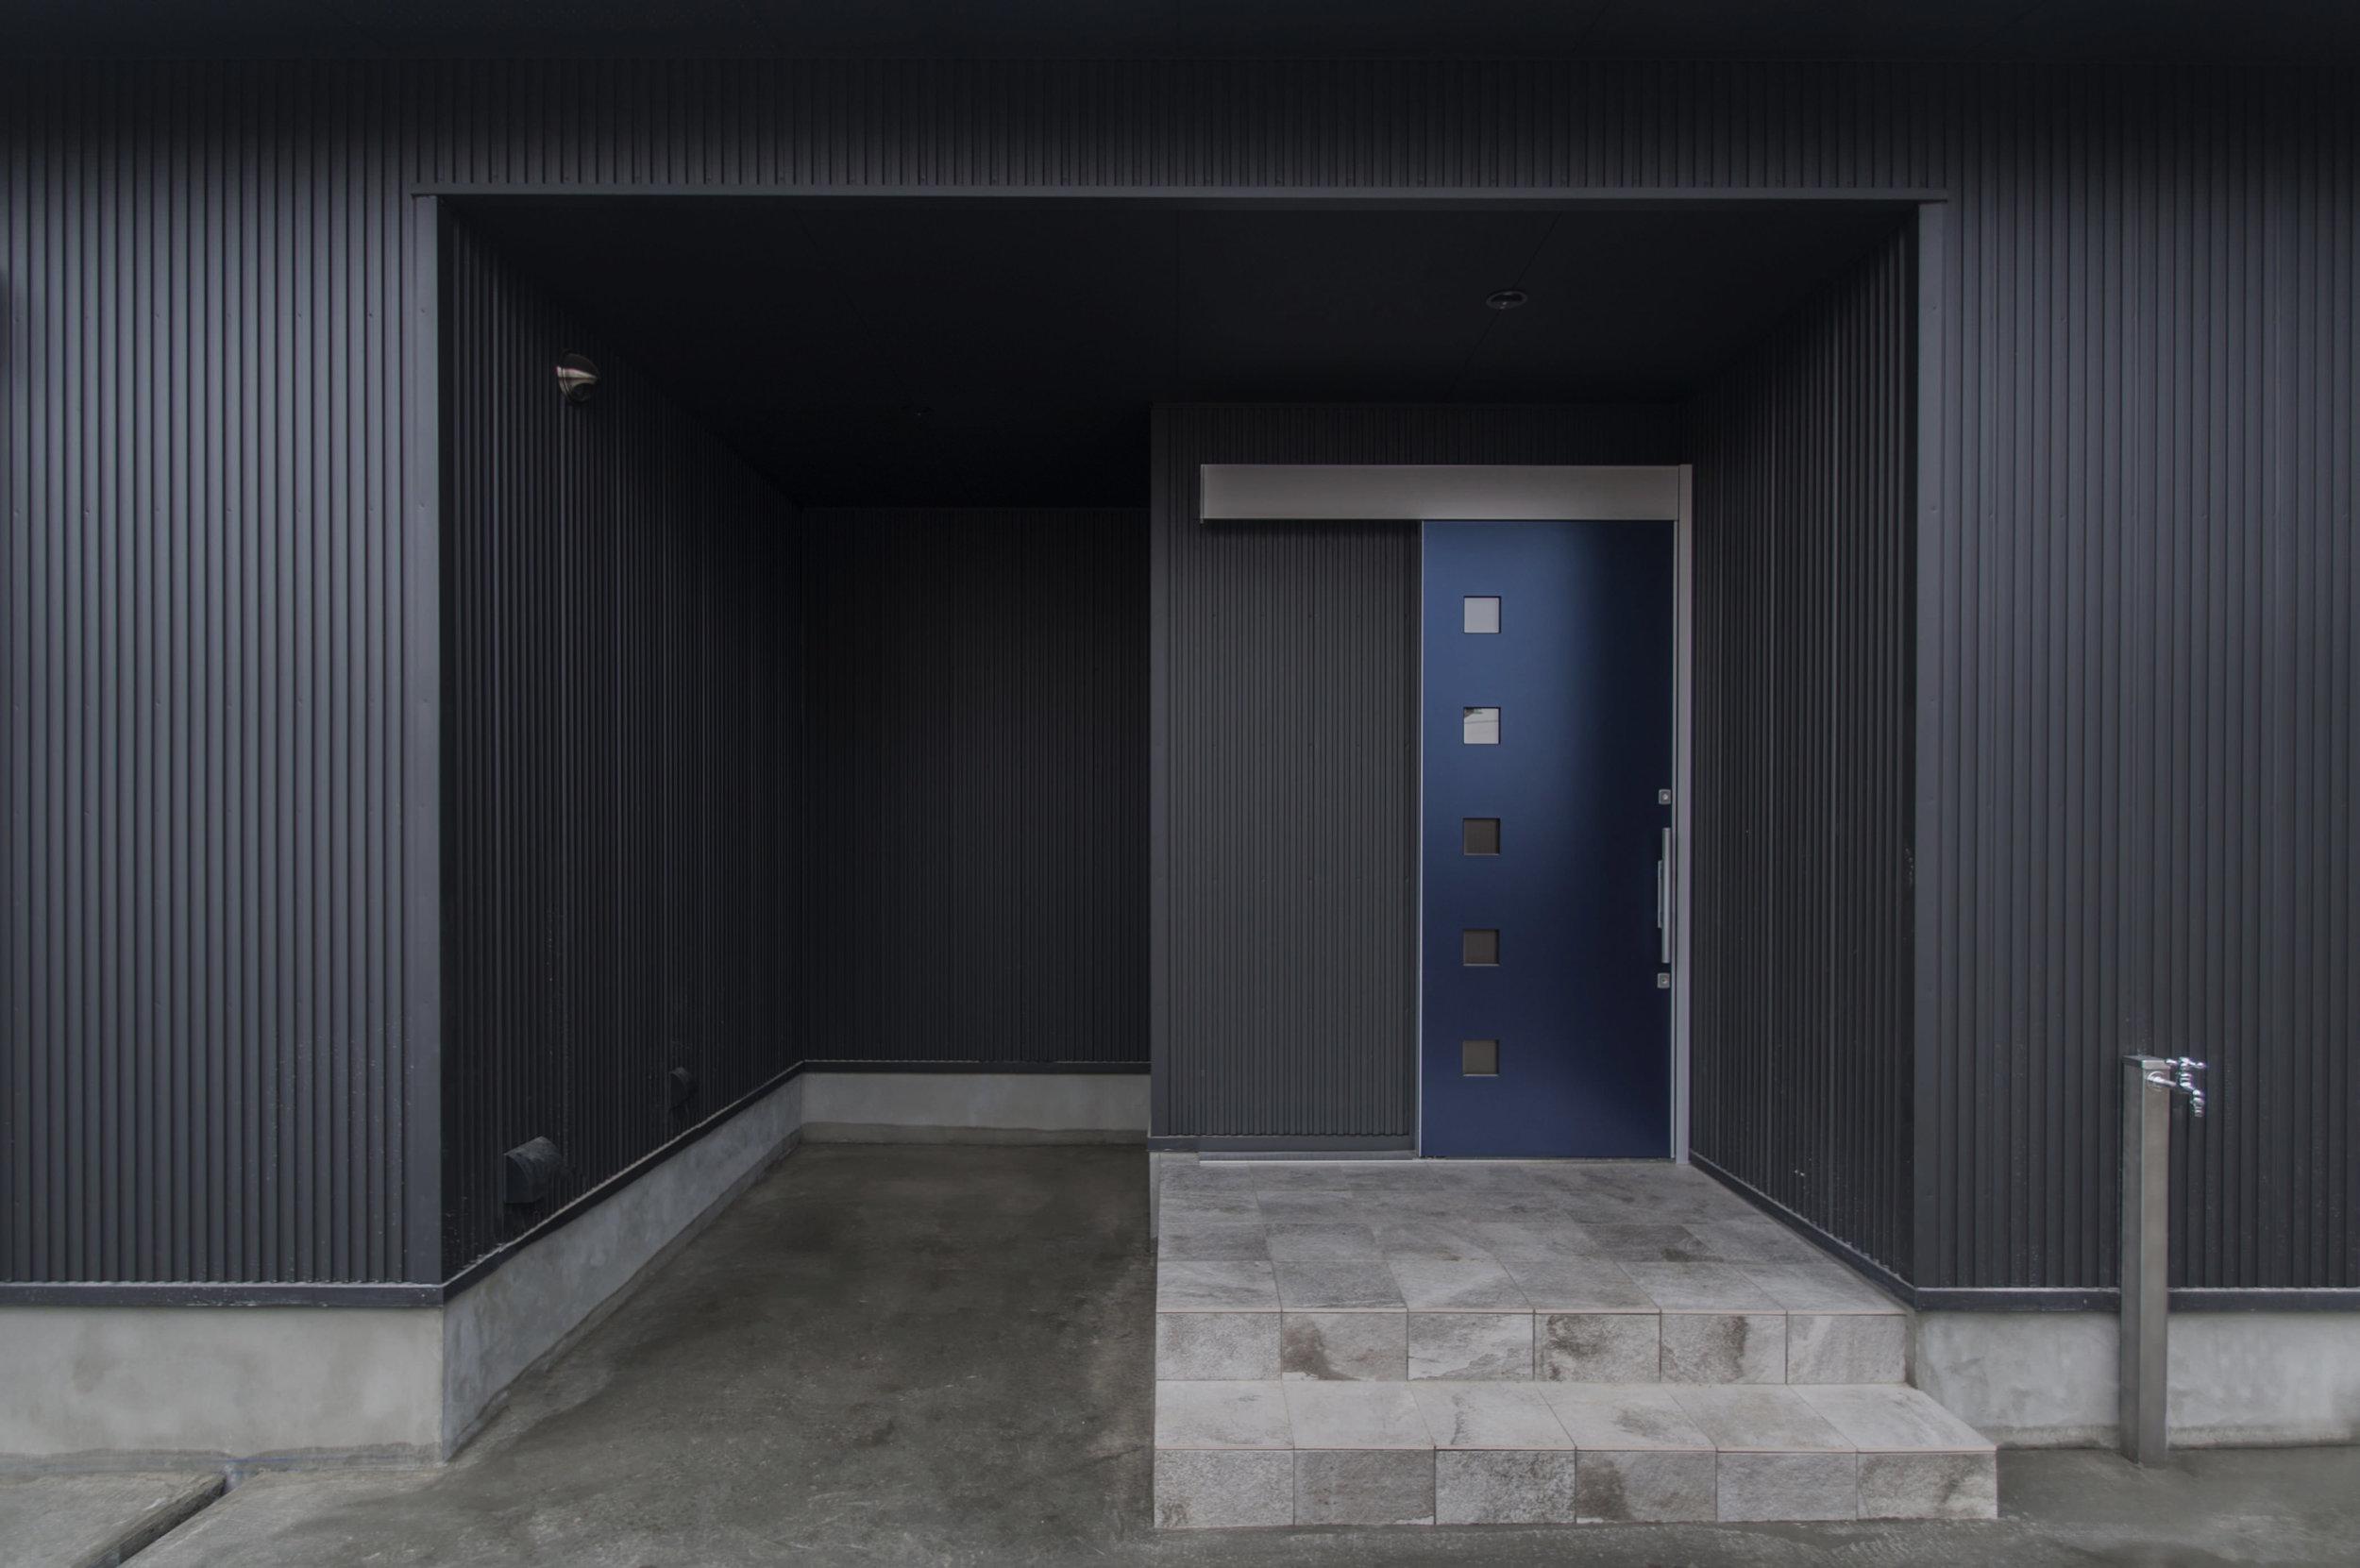 成正建装 愛知県 犬山市 新築 リフォーム 古民家再生 家づくり7.jpg